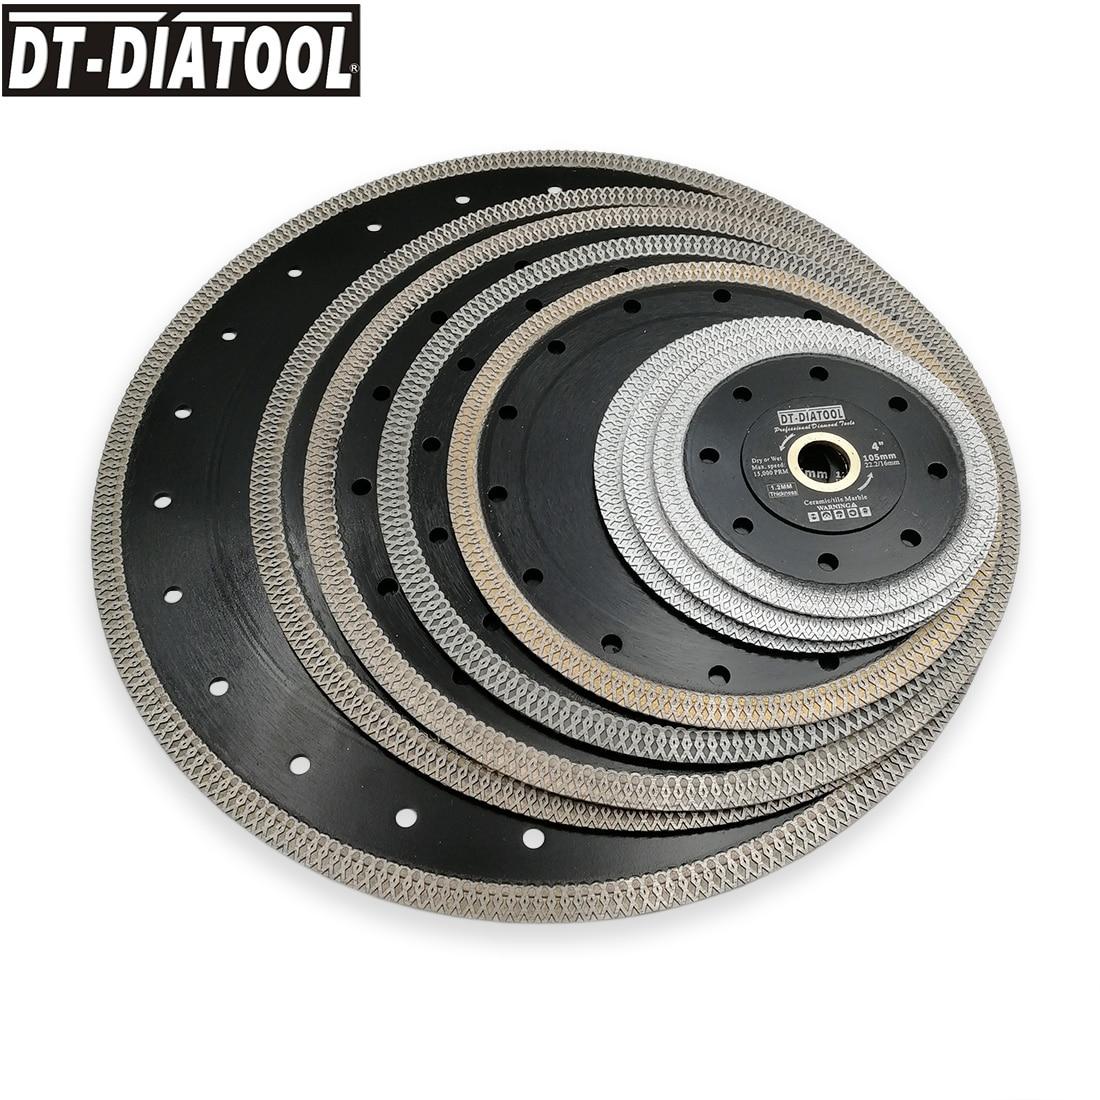 """DT-DIATOOL 2pcs/pk Premium Diamond Wheel Cutting Disc X Mesh turbo rim segment Saw Blades Marble Dia 4"""" 4.5"""" 5"""" 7"""" 8"""" 9"""" 10"""" 12"""" Price $24.15"""